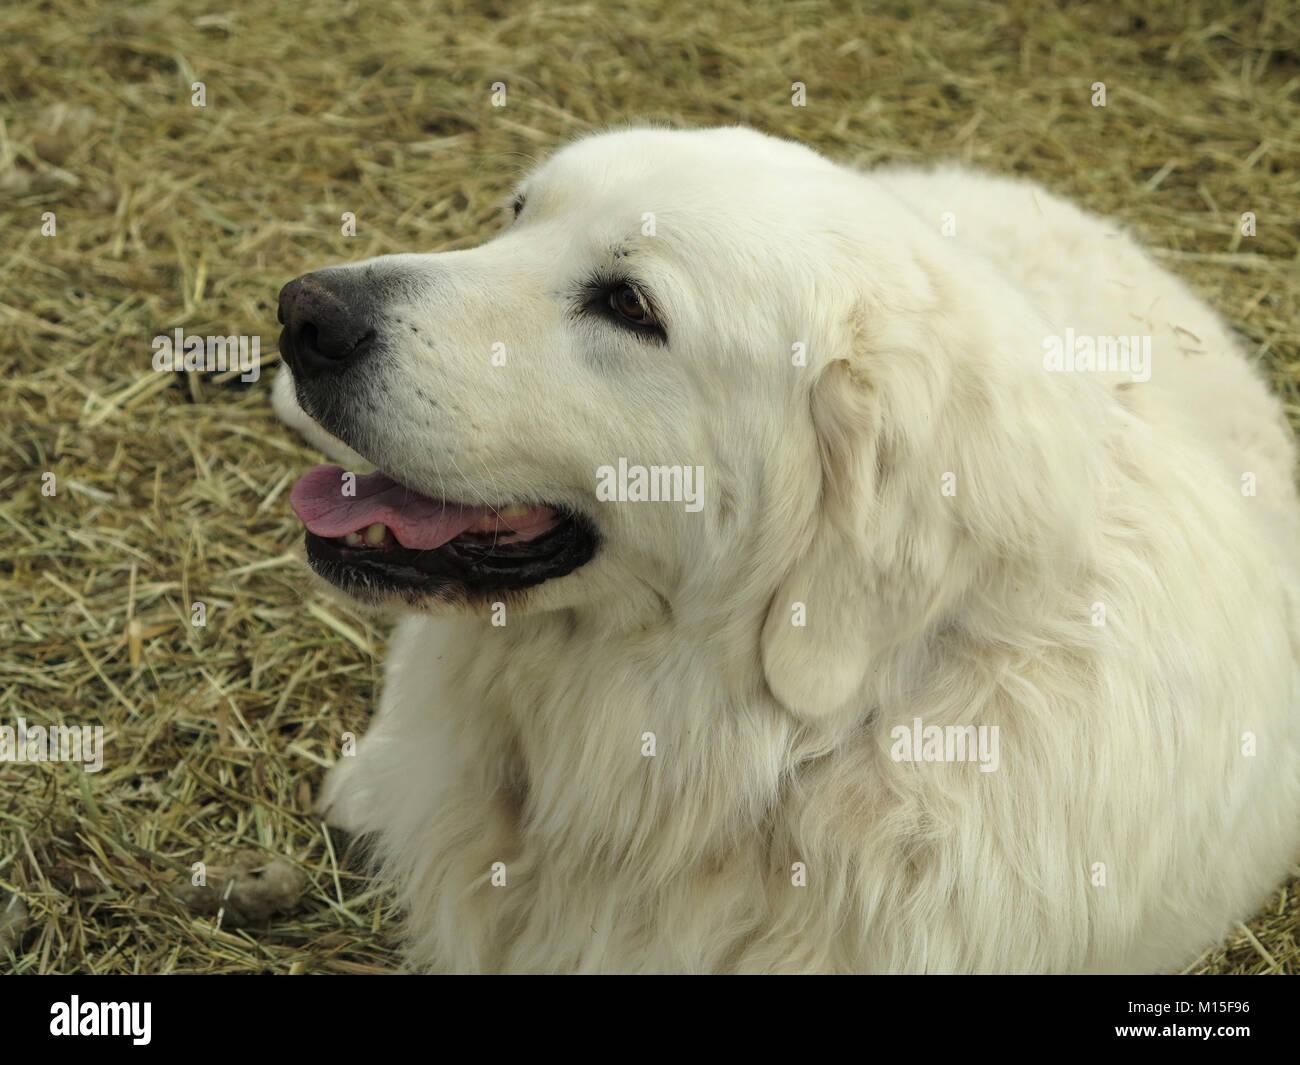 Maremma Sheepdog Smiling Stock Photo